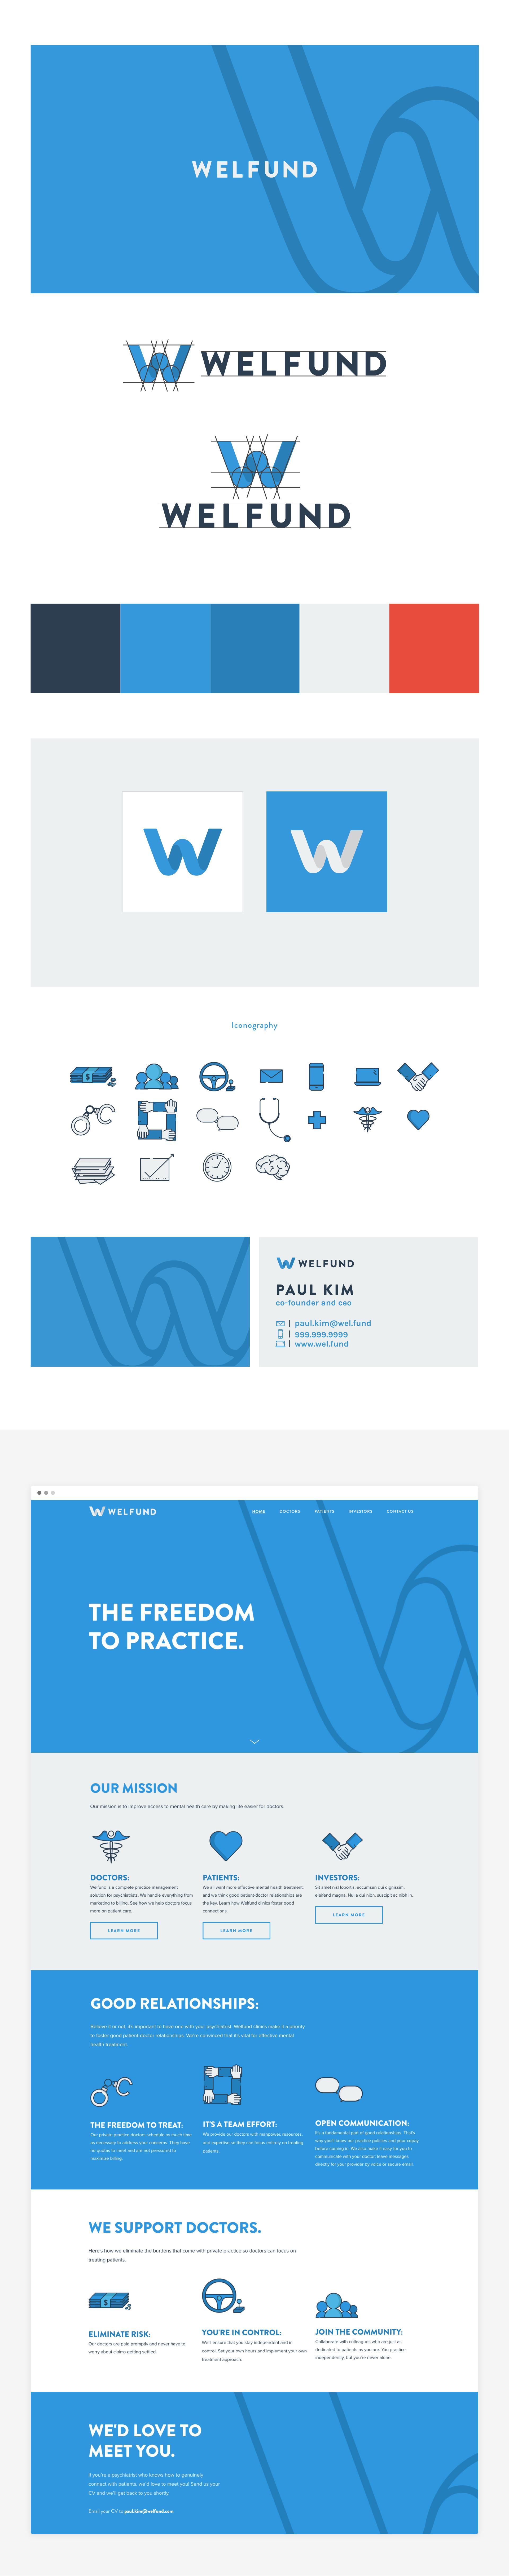 Branding_Docs_Welfund